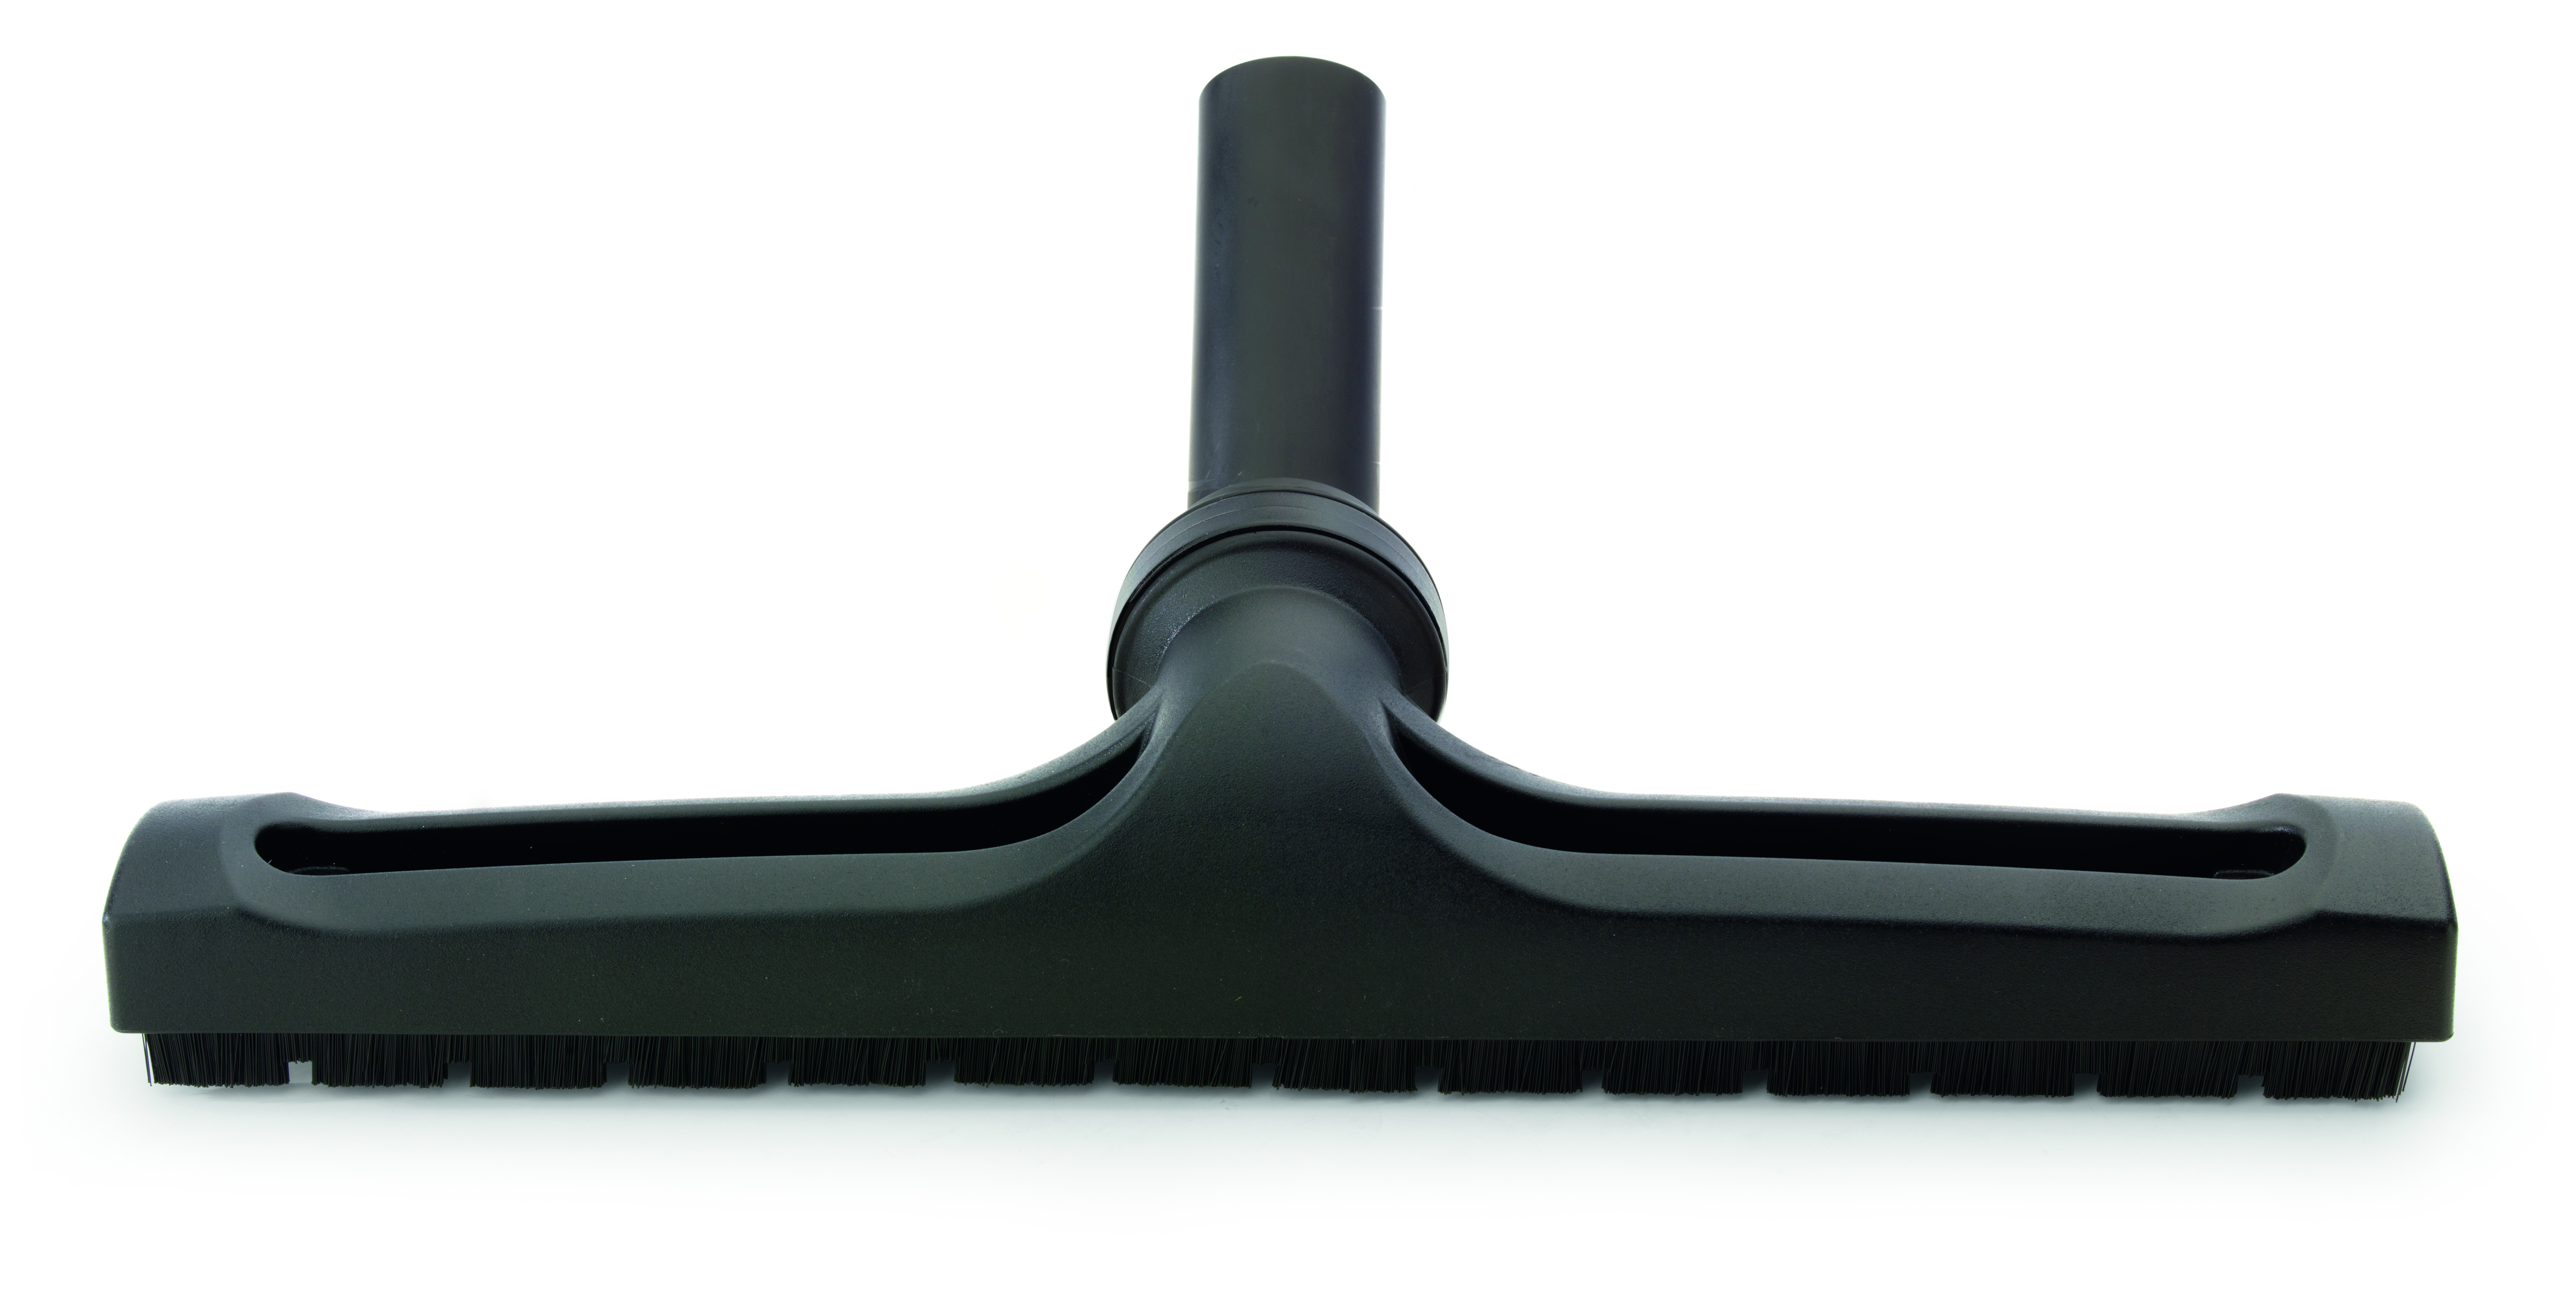 Numatic Trockensaugdüse (Hartbodendüse) mit Bürstenleiste, Laufrollen und Parkfunktion, Breite 400 mm